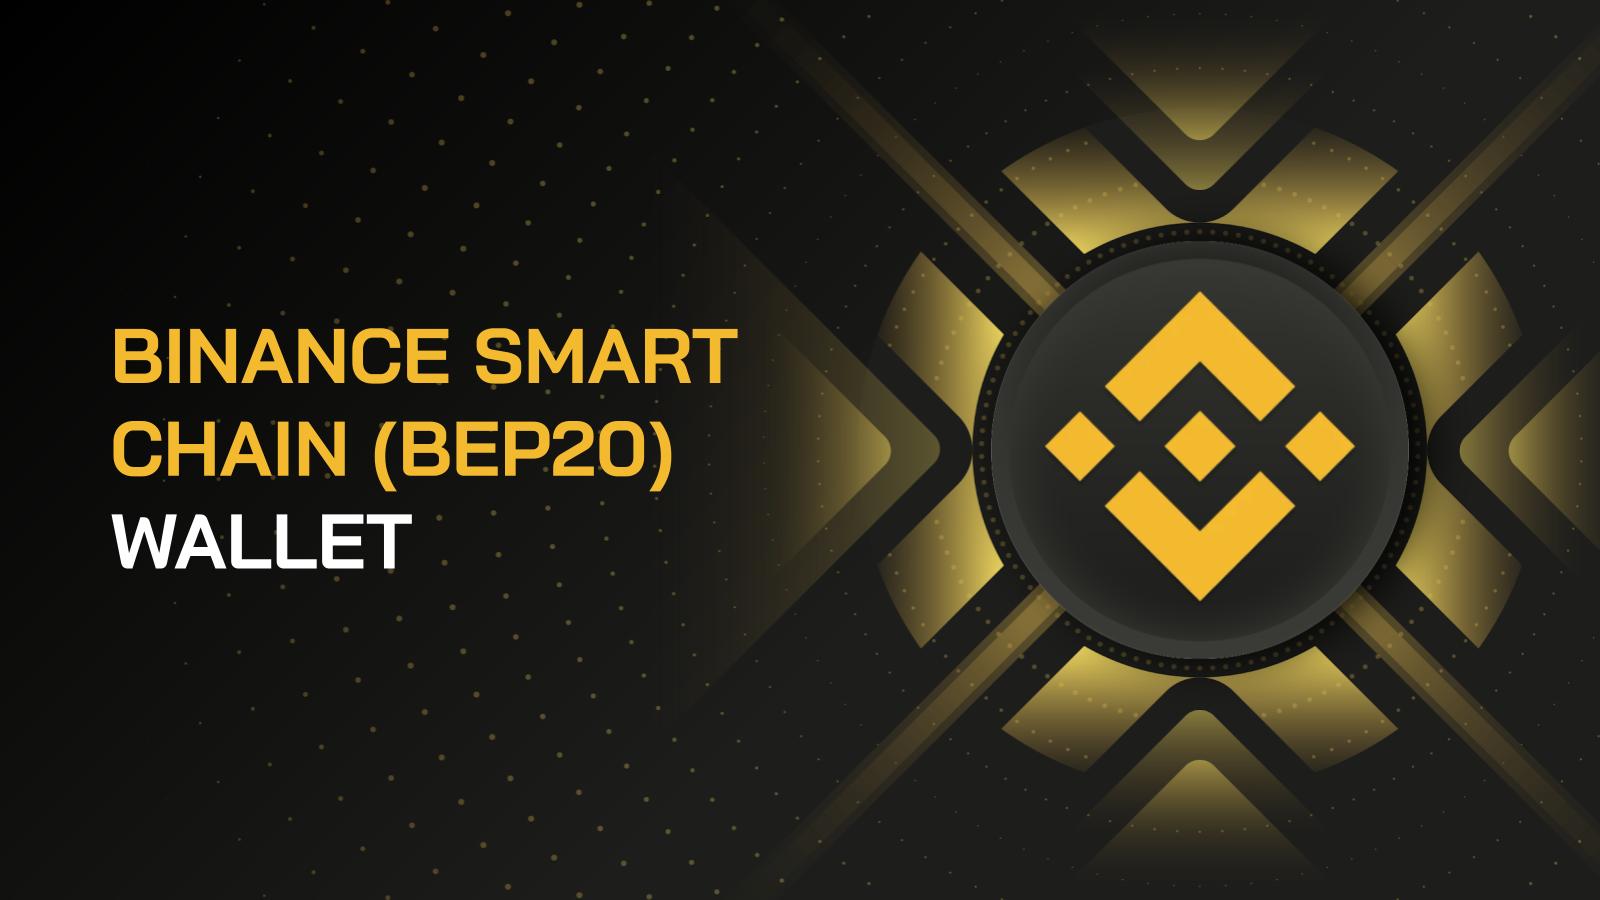 Hướng dẫn tạo và sử dụng ví Binance Smart Chain (BEP20)